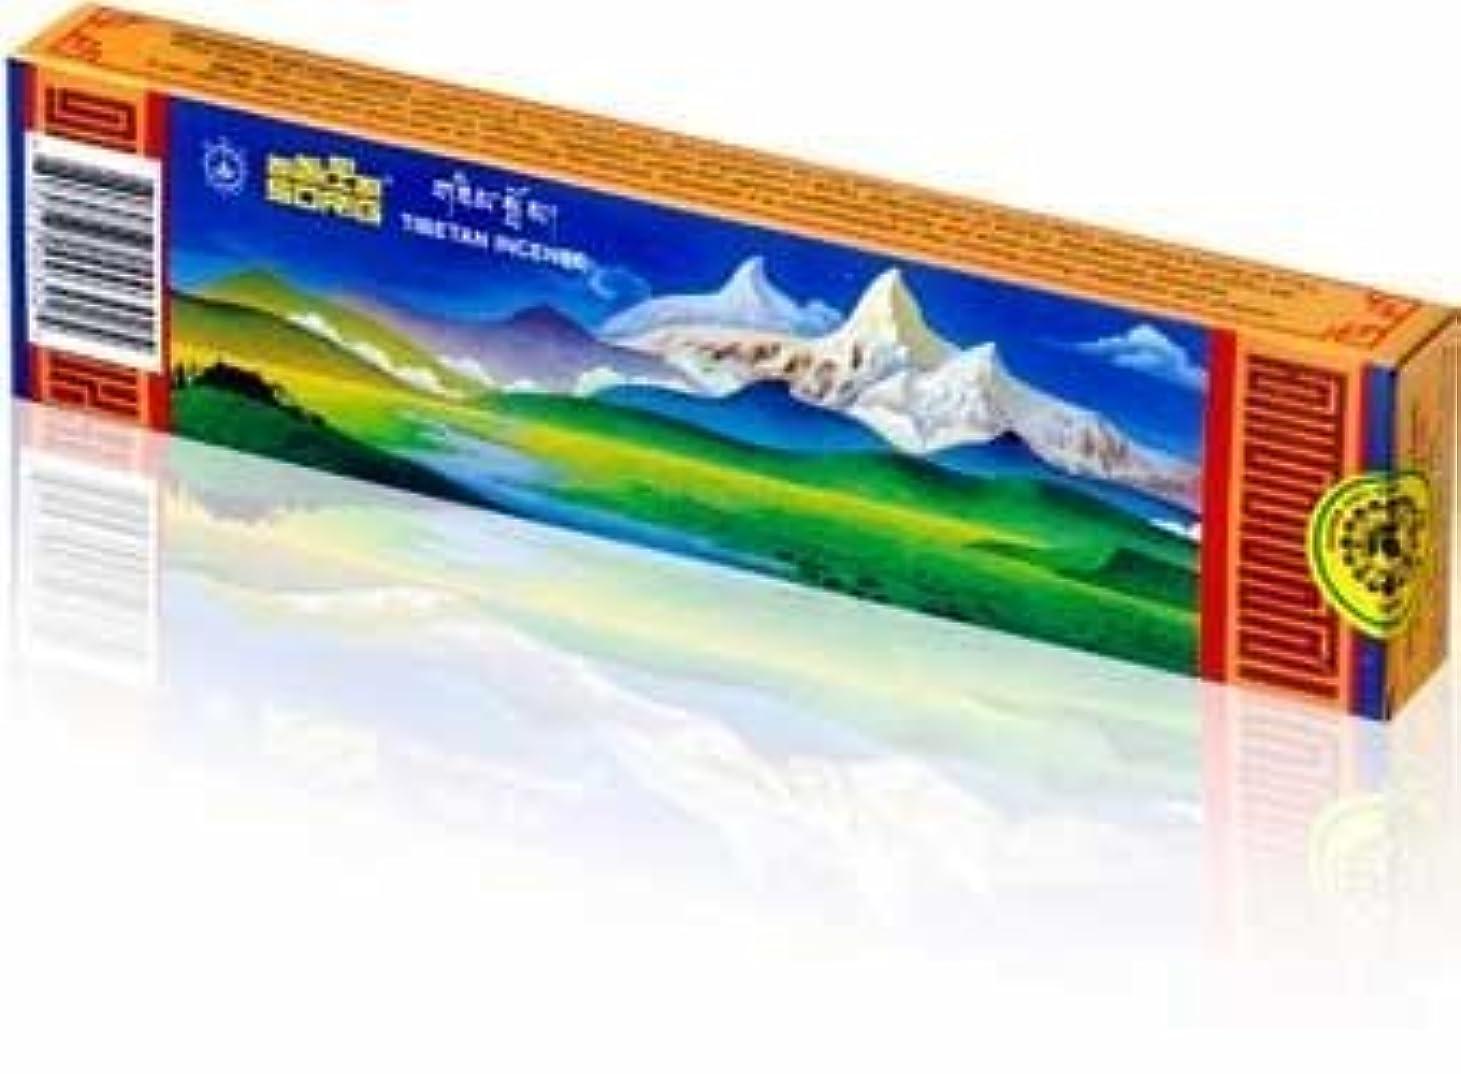 欲望機関車毒液Sorig Natural Handmade Tibetan Incense Sticks by Men-Tsee-Khang- 20/40/60 Count (40) by Men-Tsee-Khang [並行輸入品]